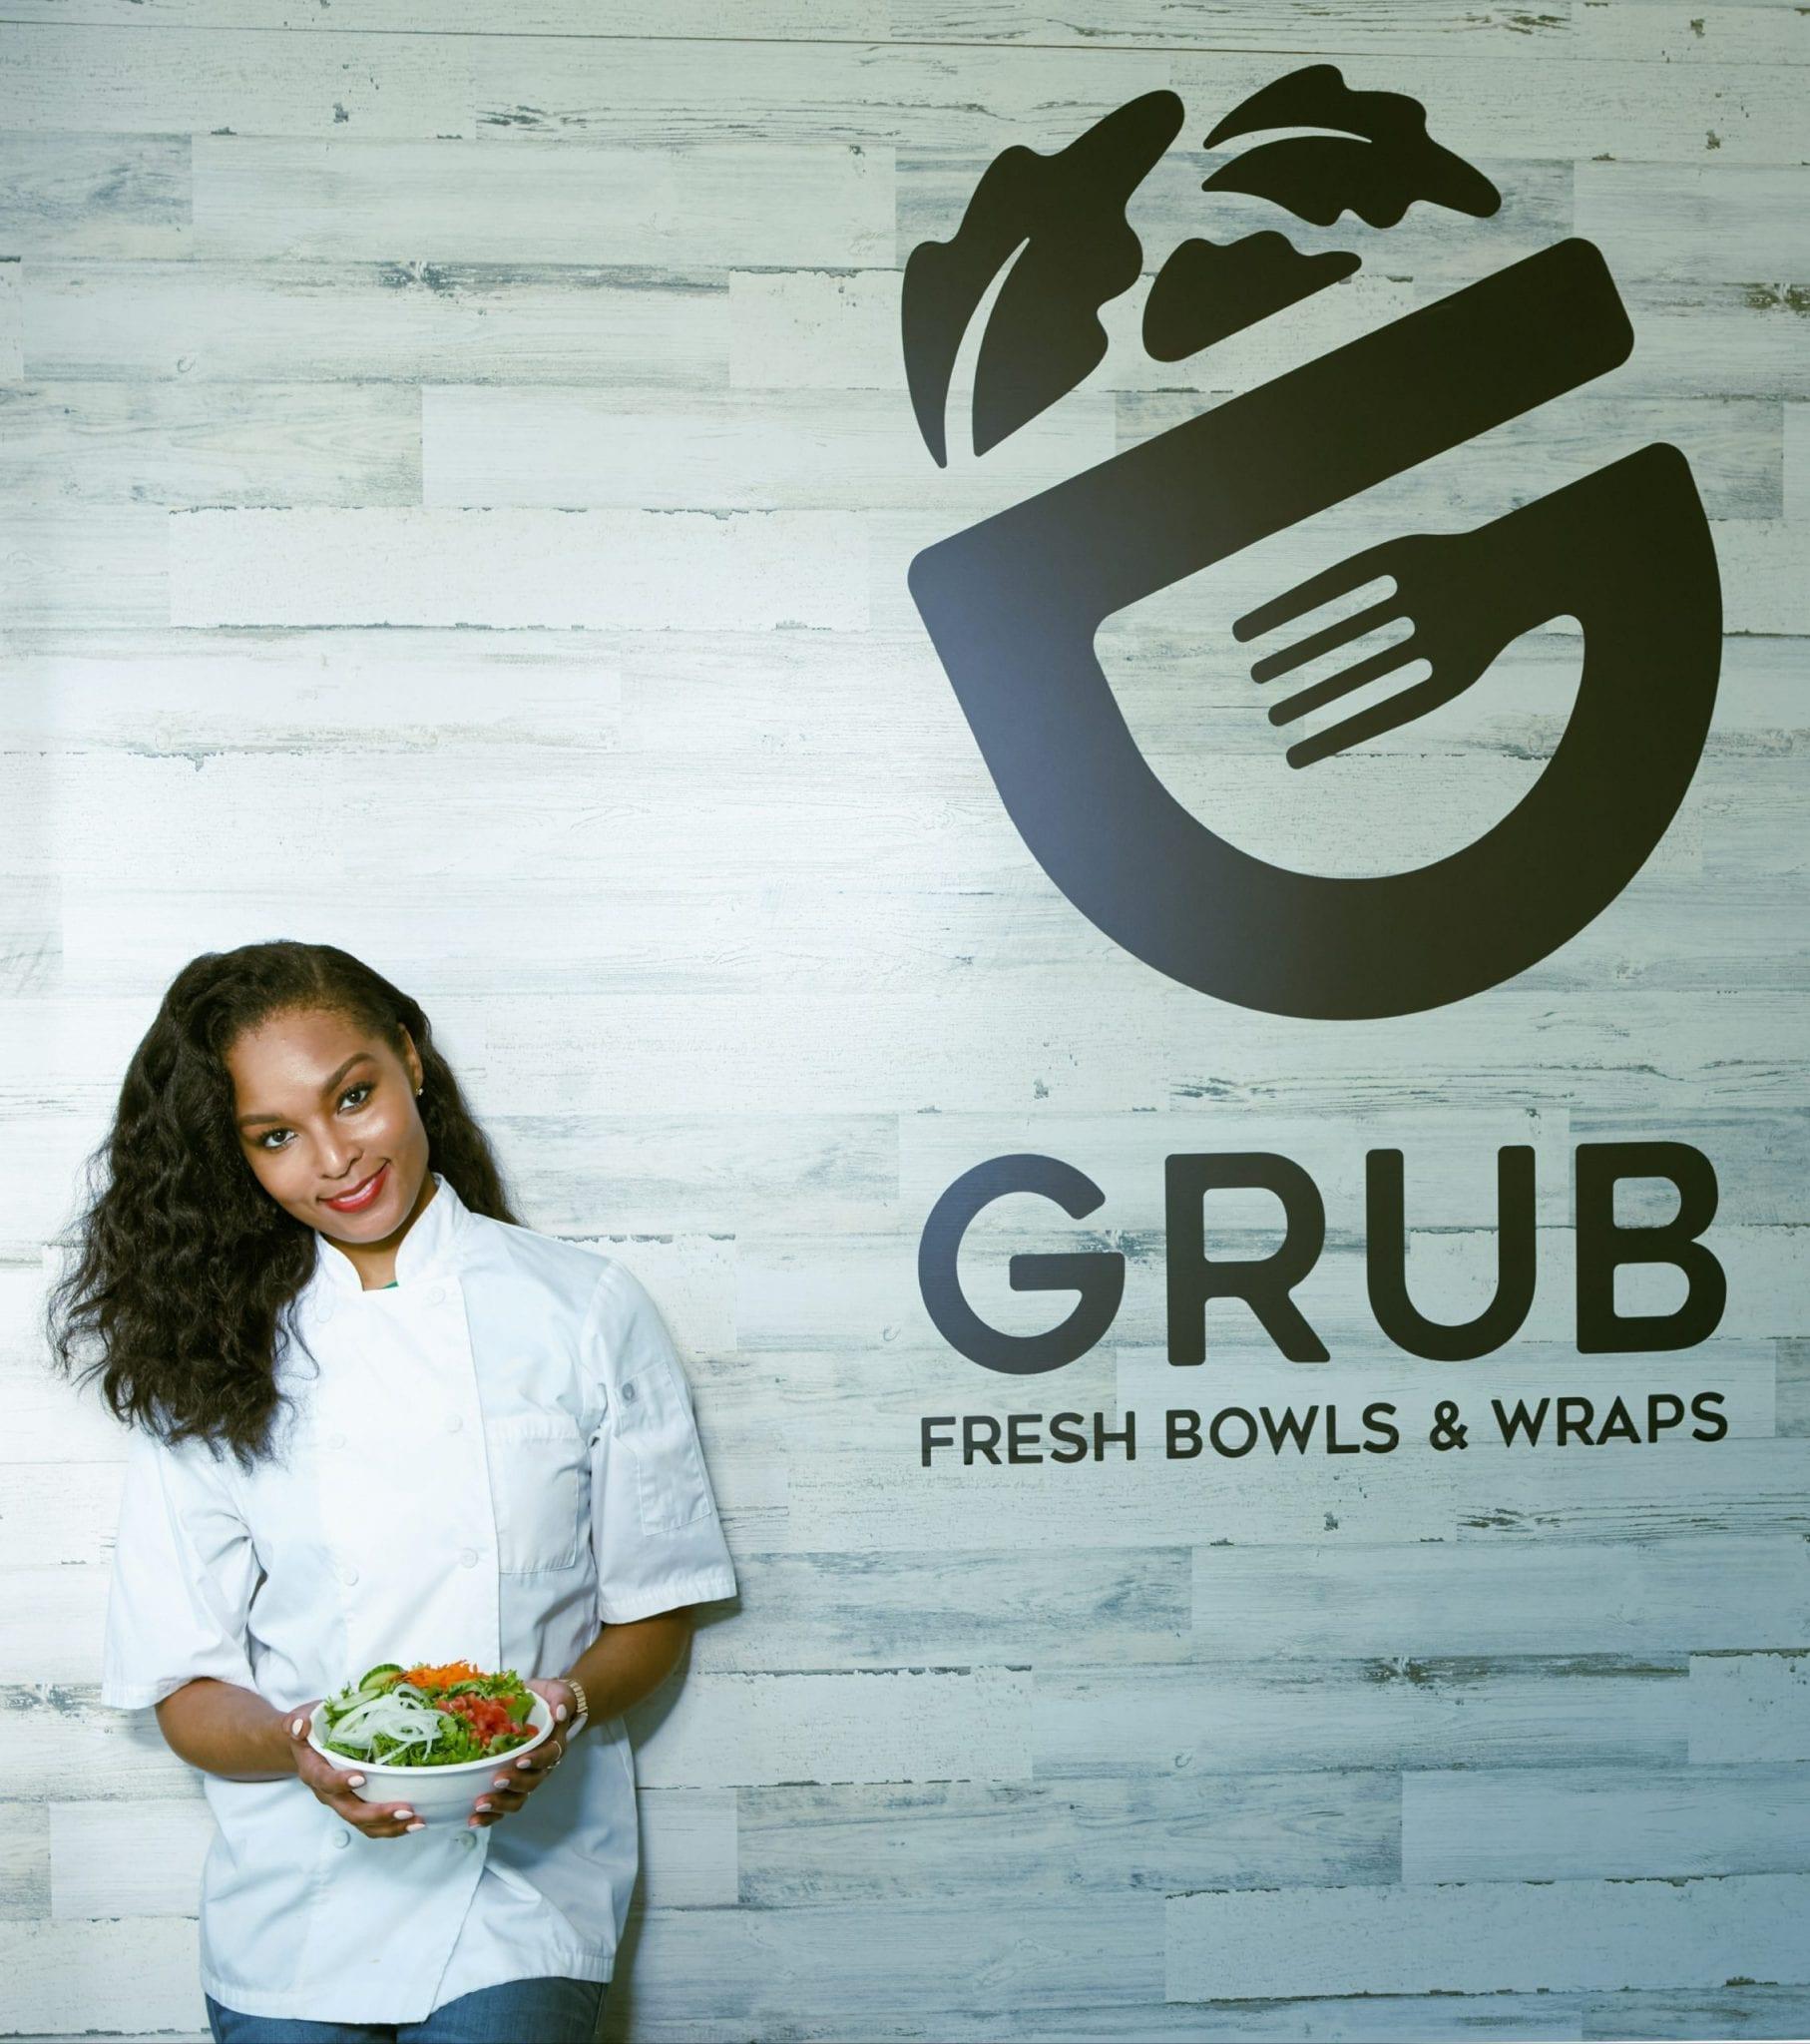 Chef Kelley Hicks of Grub Fresh Bowls & Wraps